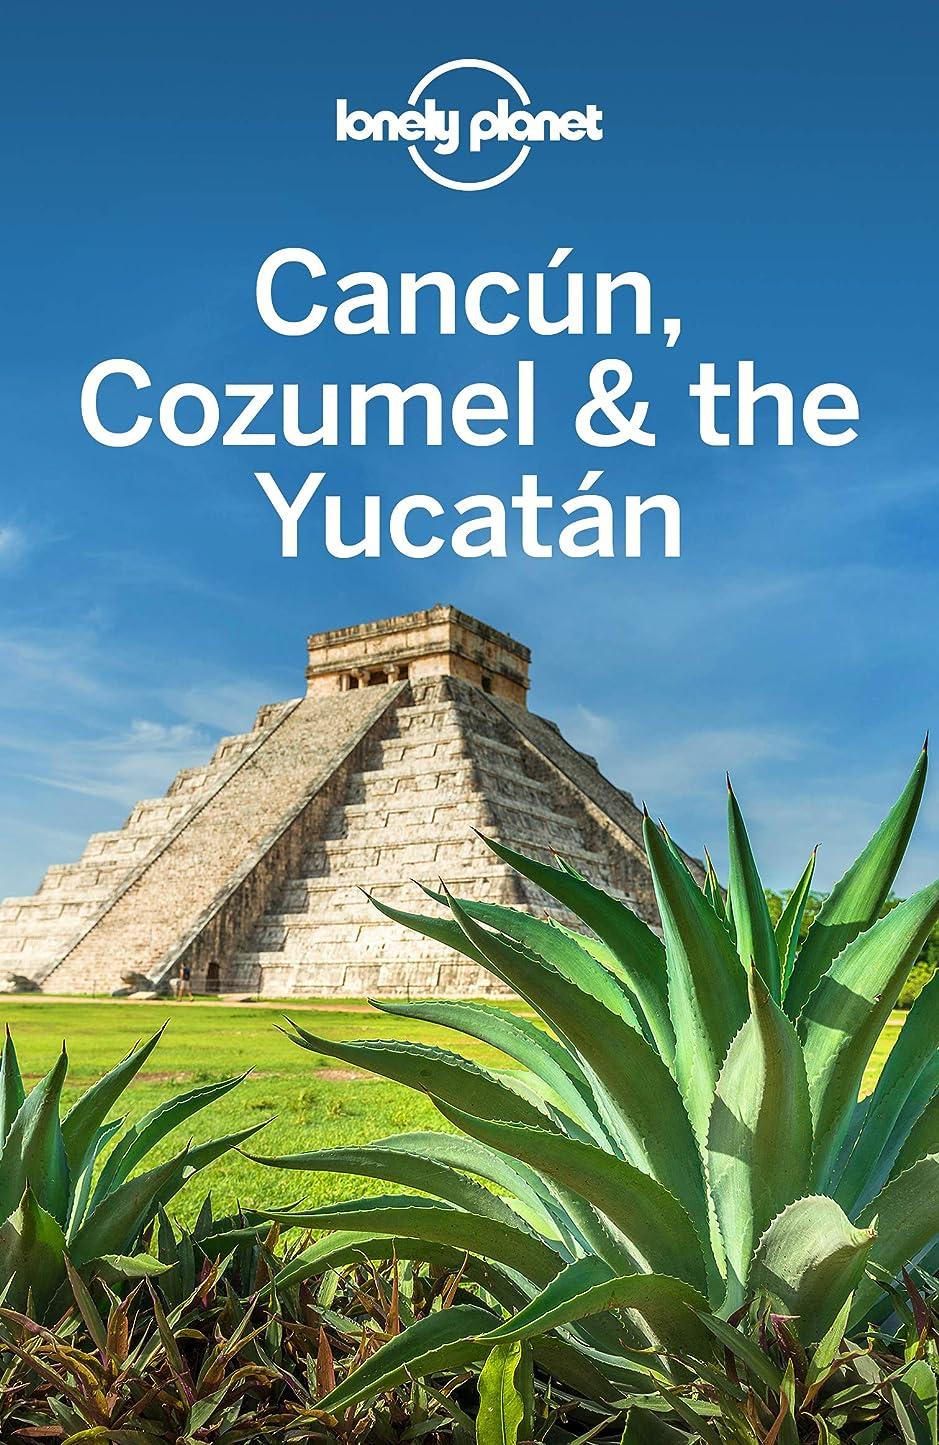 フルーティーミントニックネームLonely Planet Cancun, Cozumel & the Yucatan (Travel Guide) (English Edition)